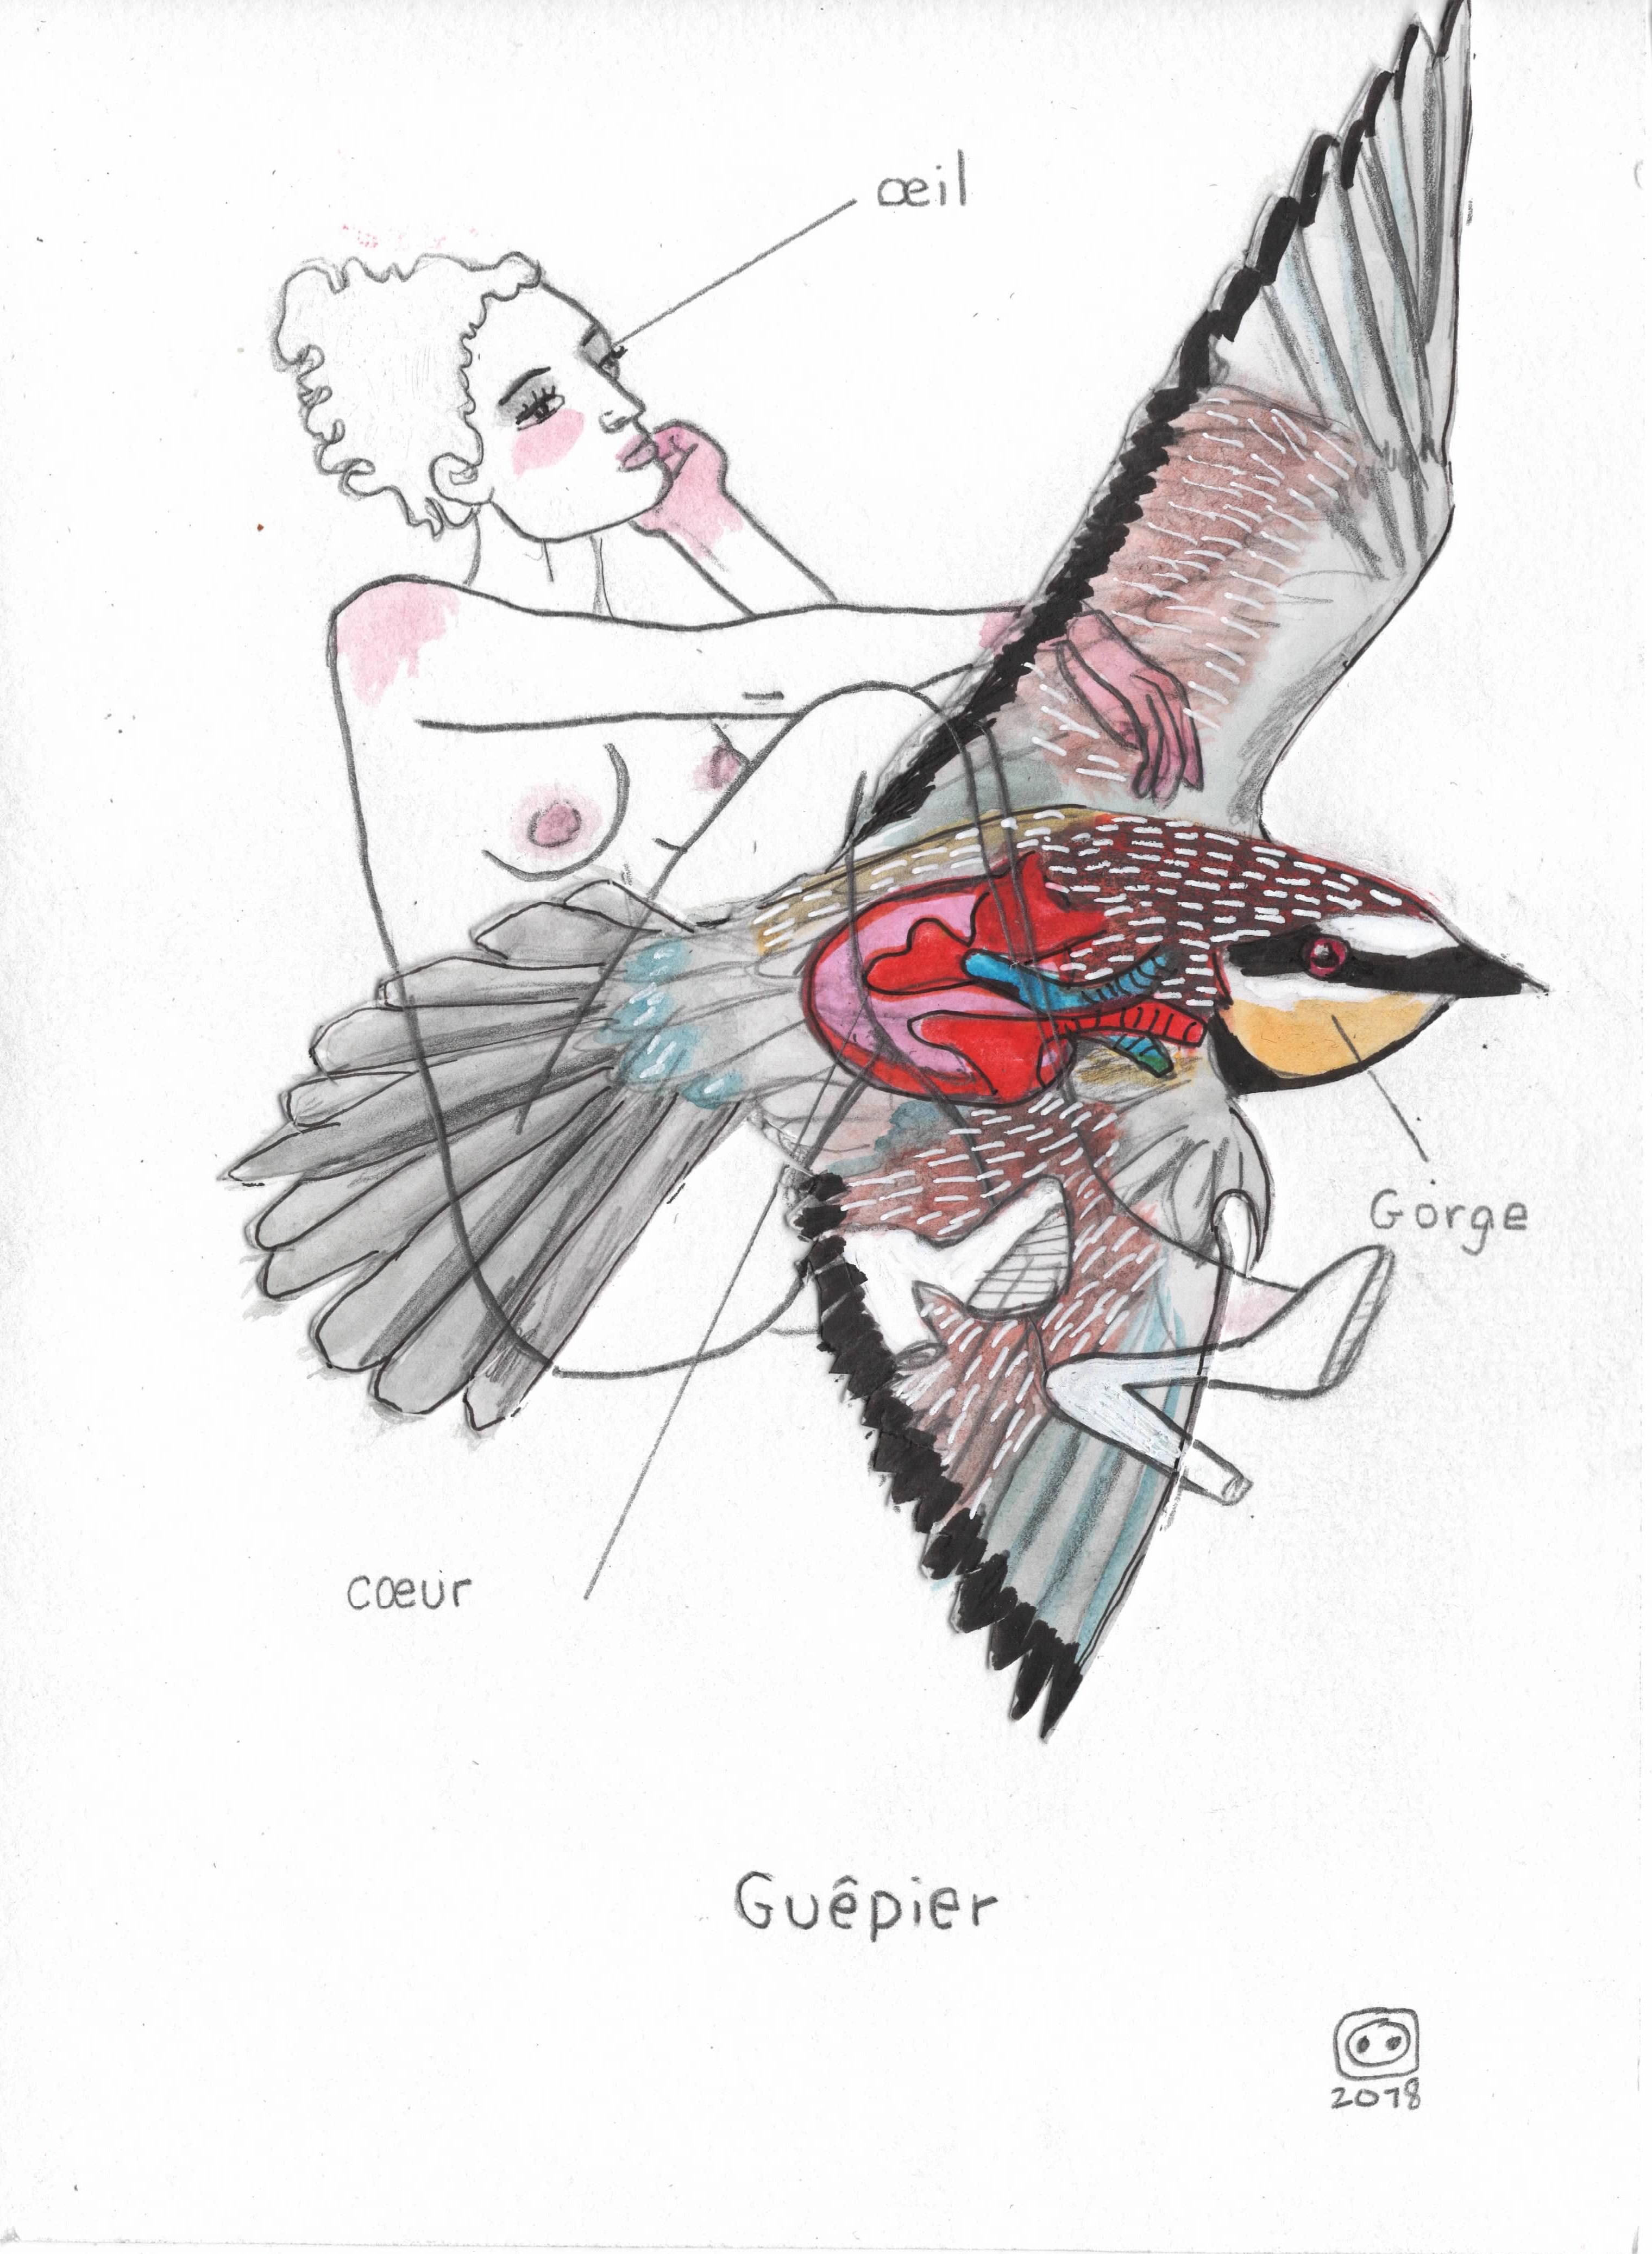 Guépier